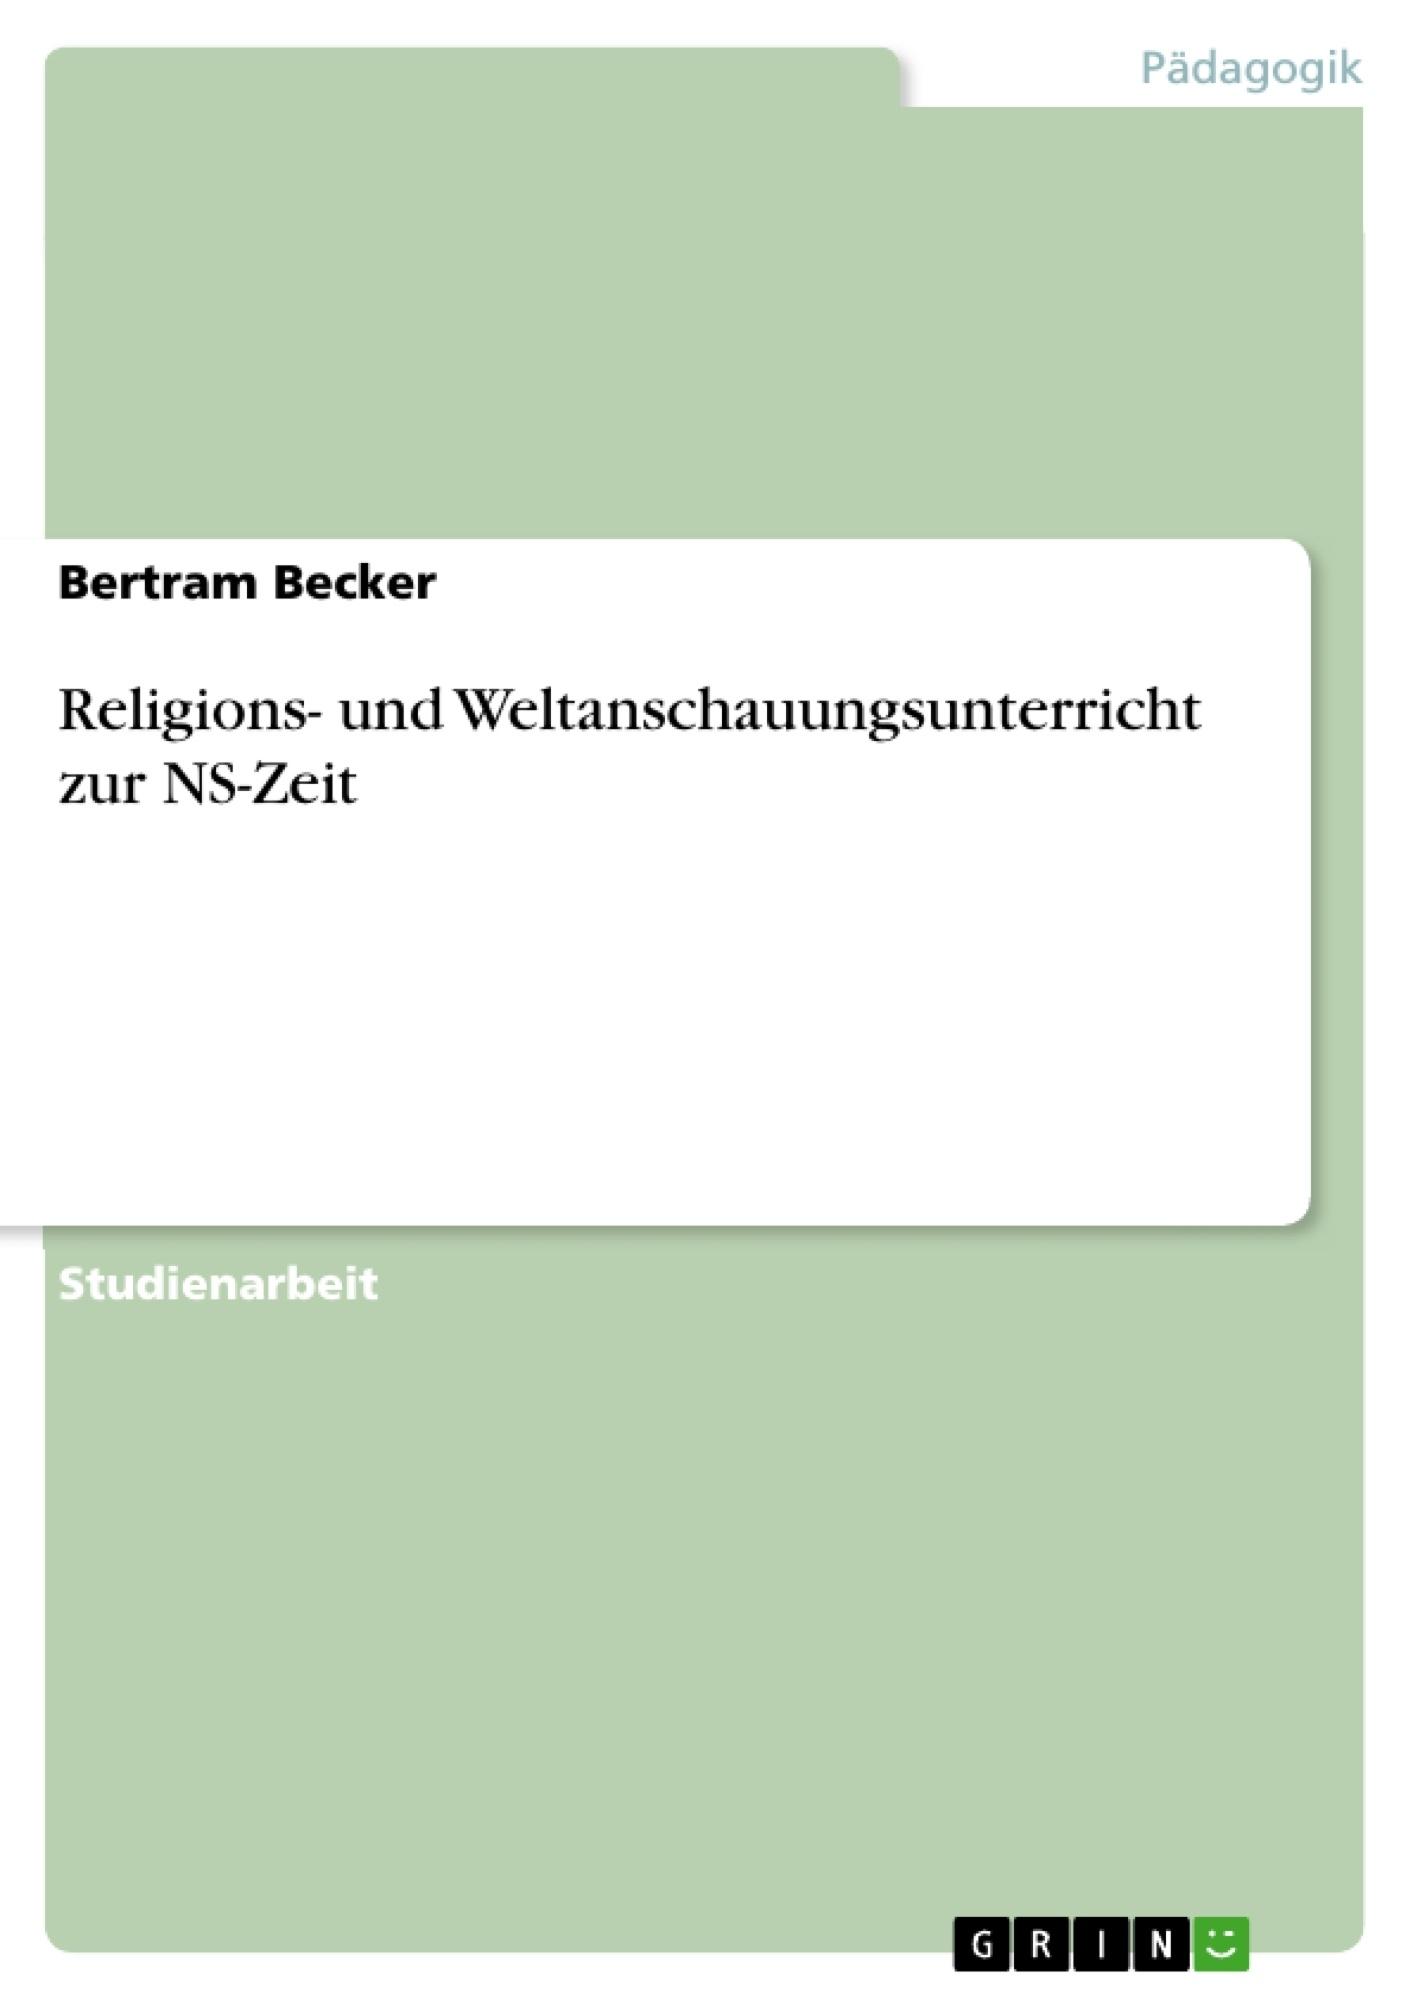 Titel: Religions- und Weltanschauungsunterricht zur NS-Zeit